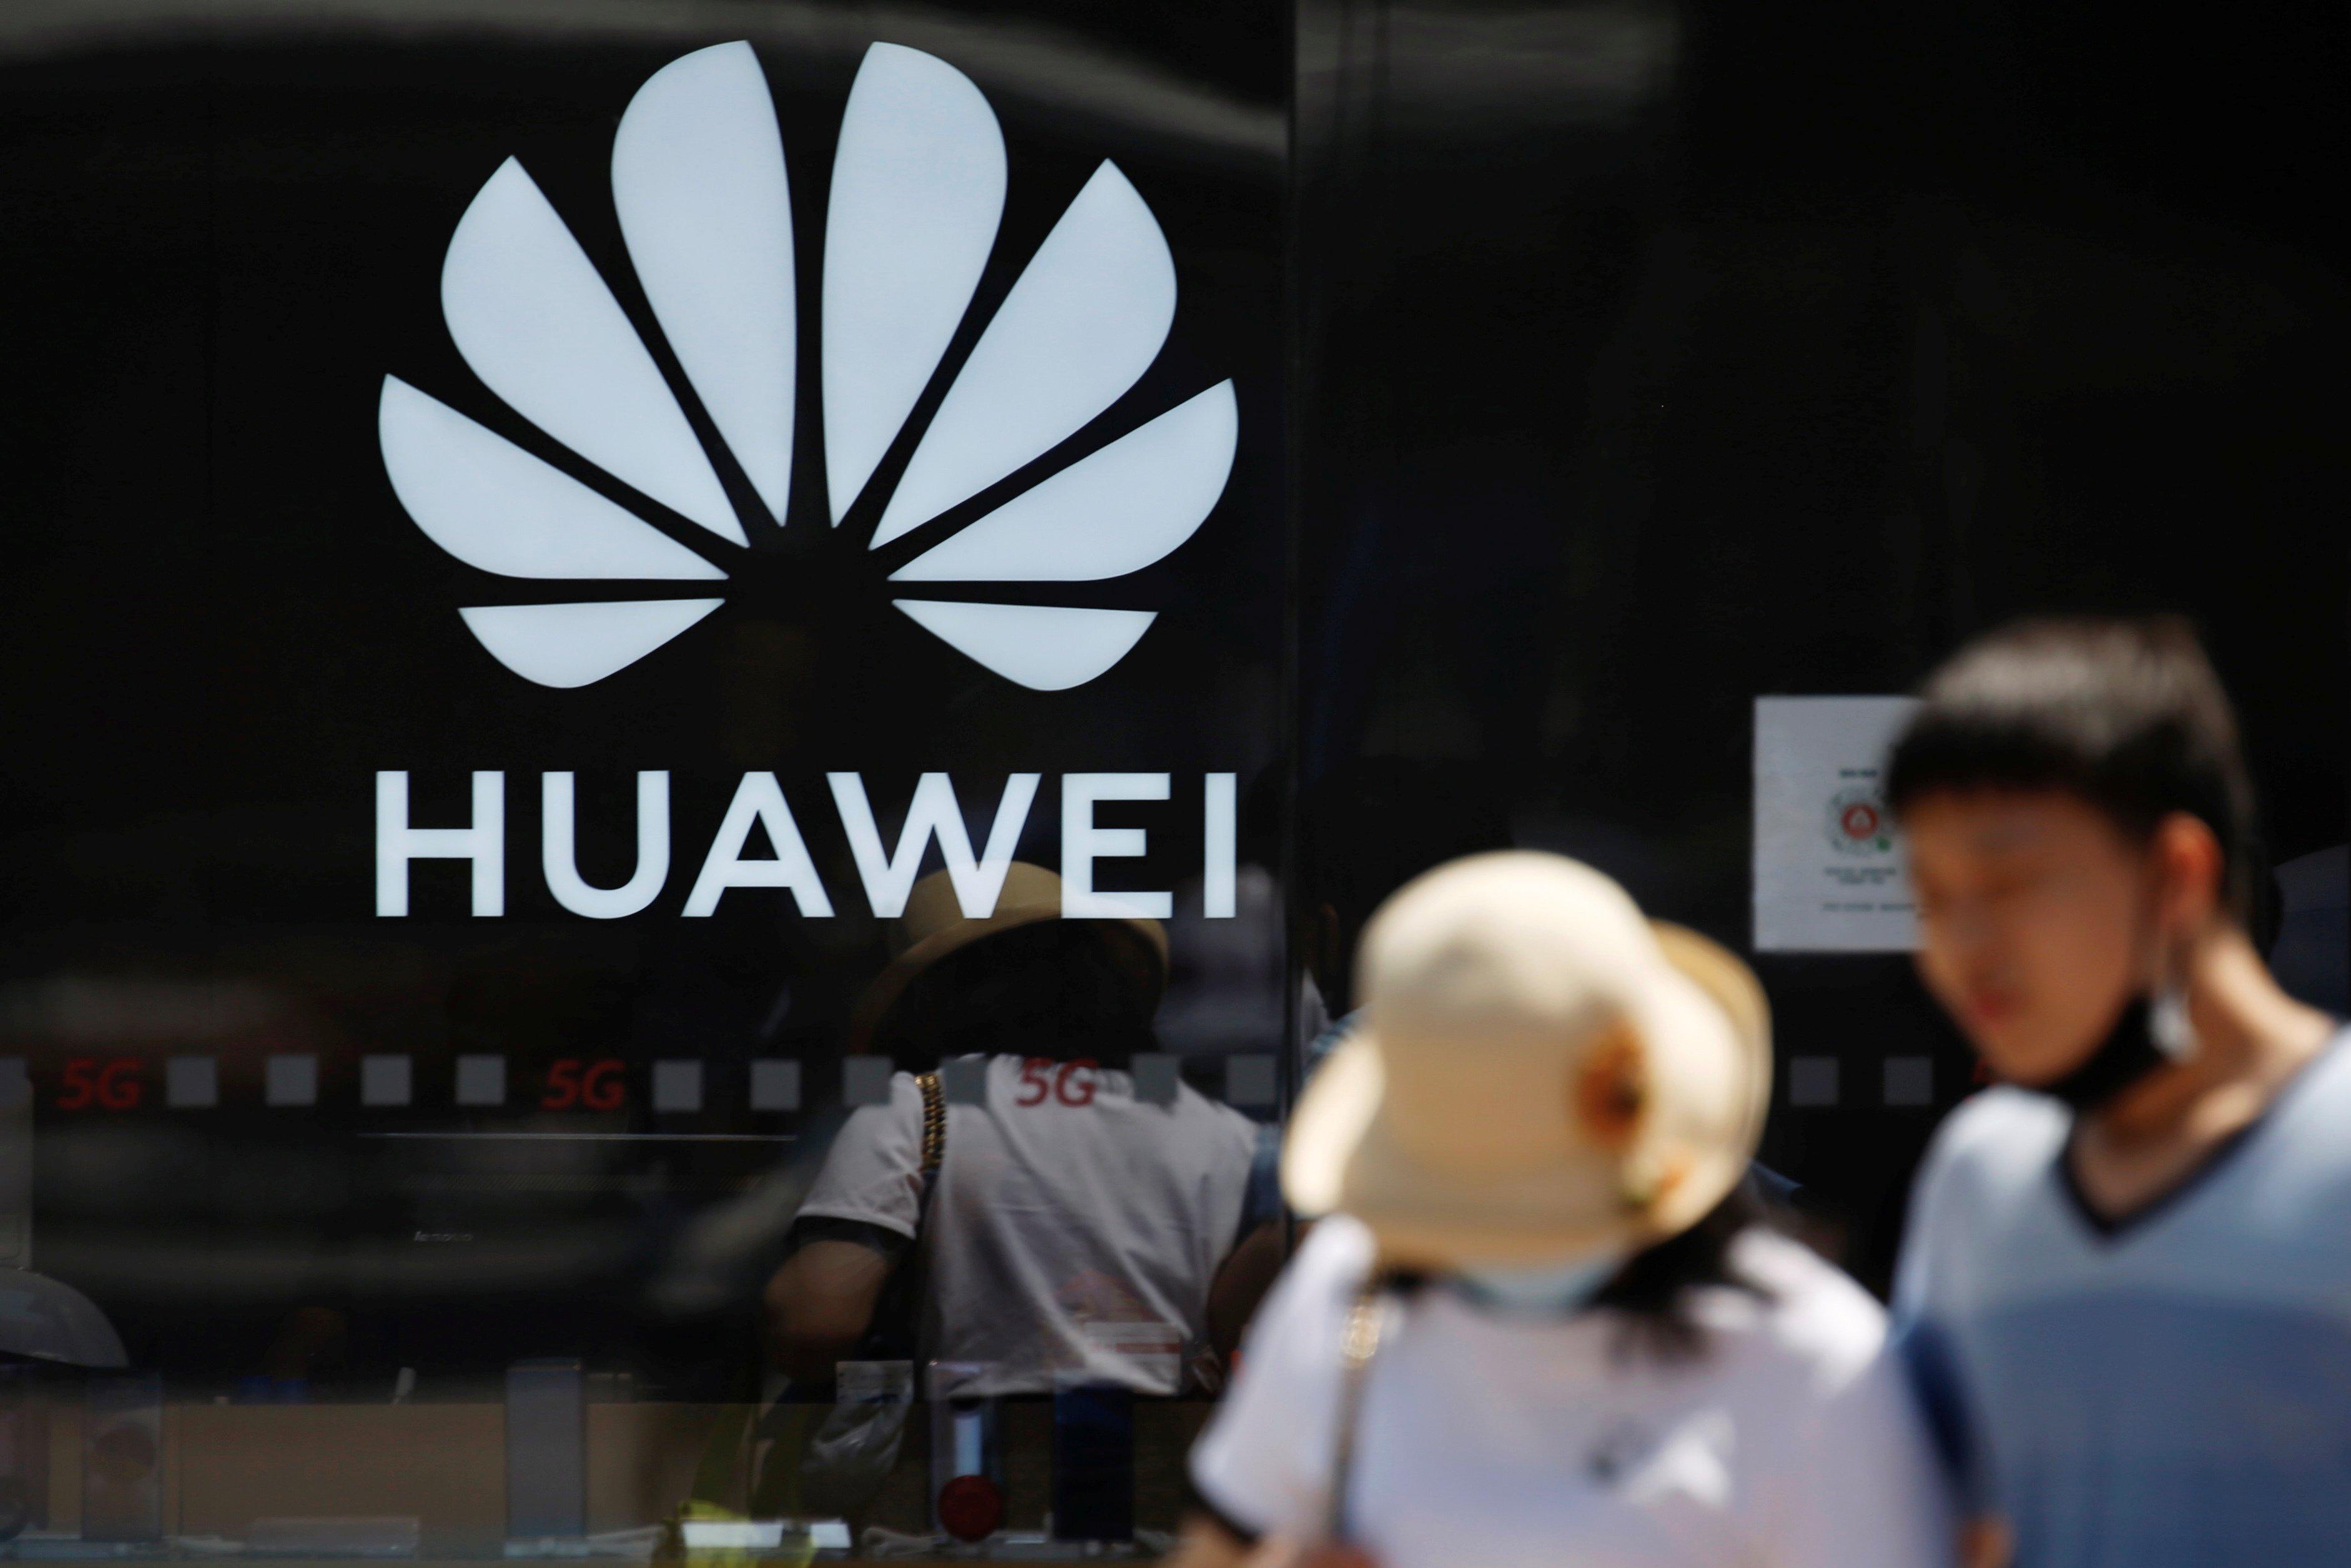 Huawei đã tăng tốc tuyển dụng kỹ sư cho các công nghệ liên quan đến ô tô kể từ năm 2018.